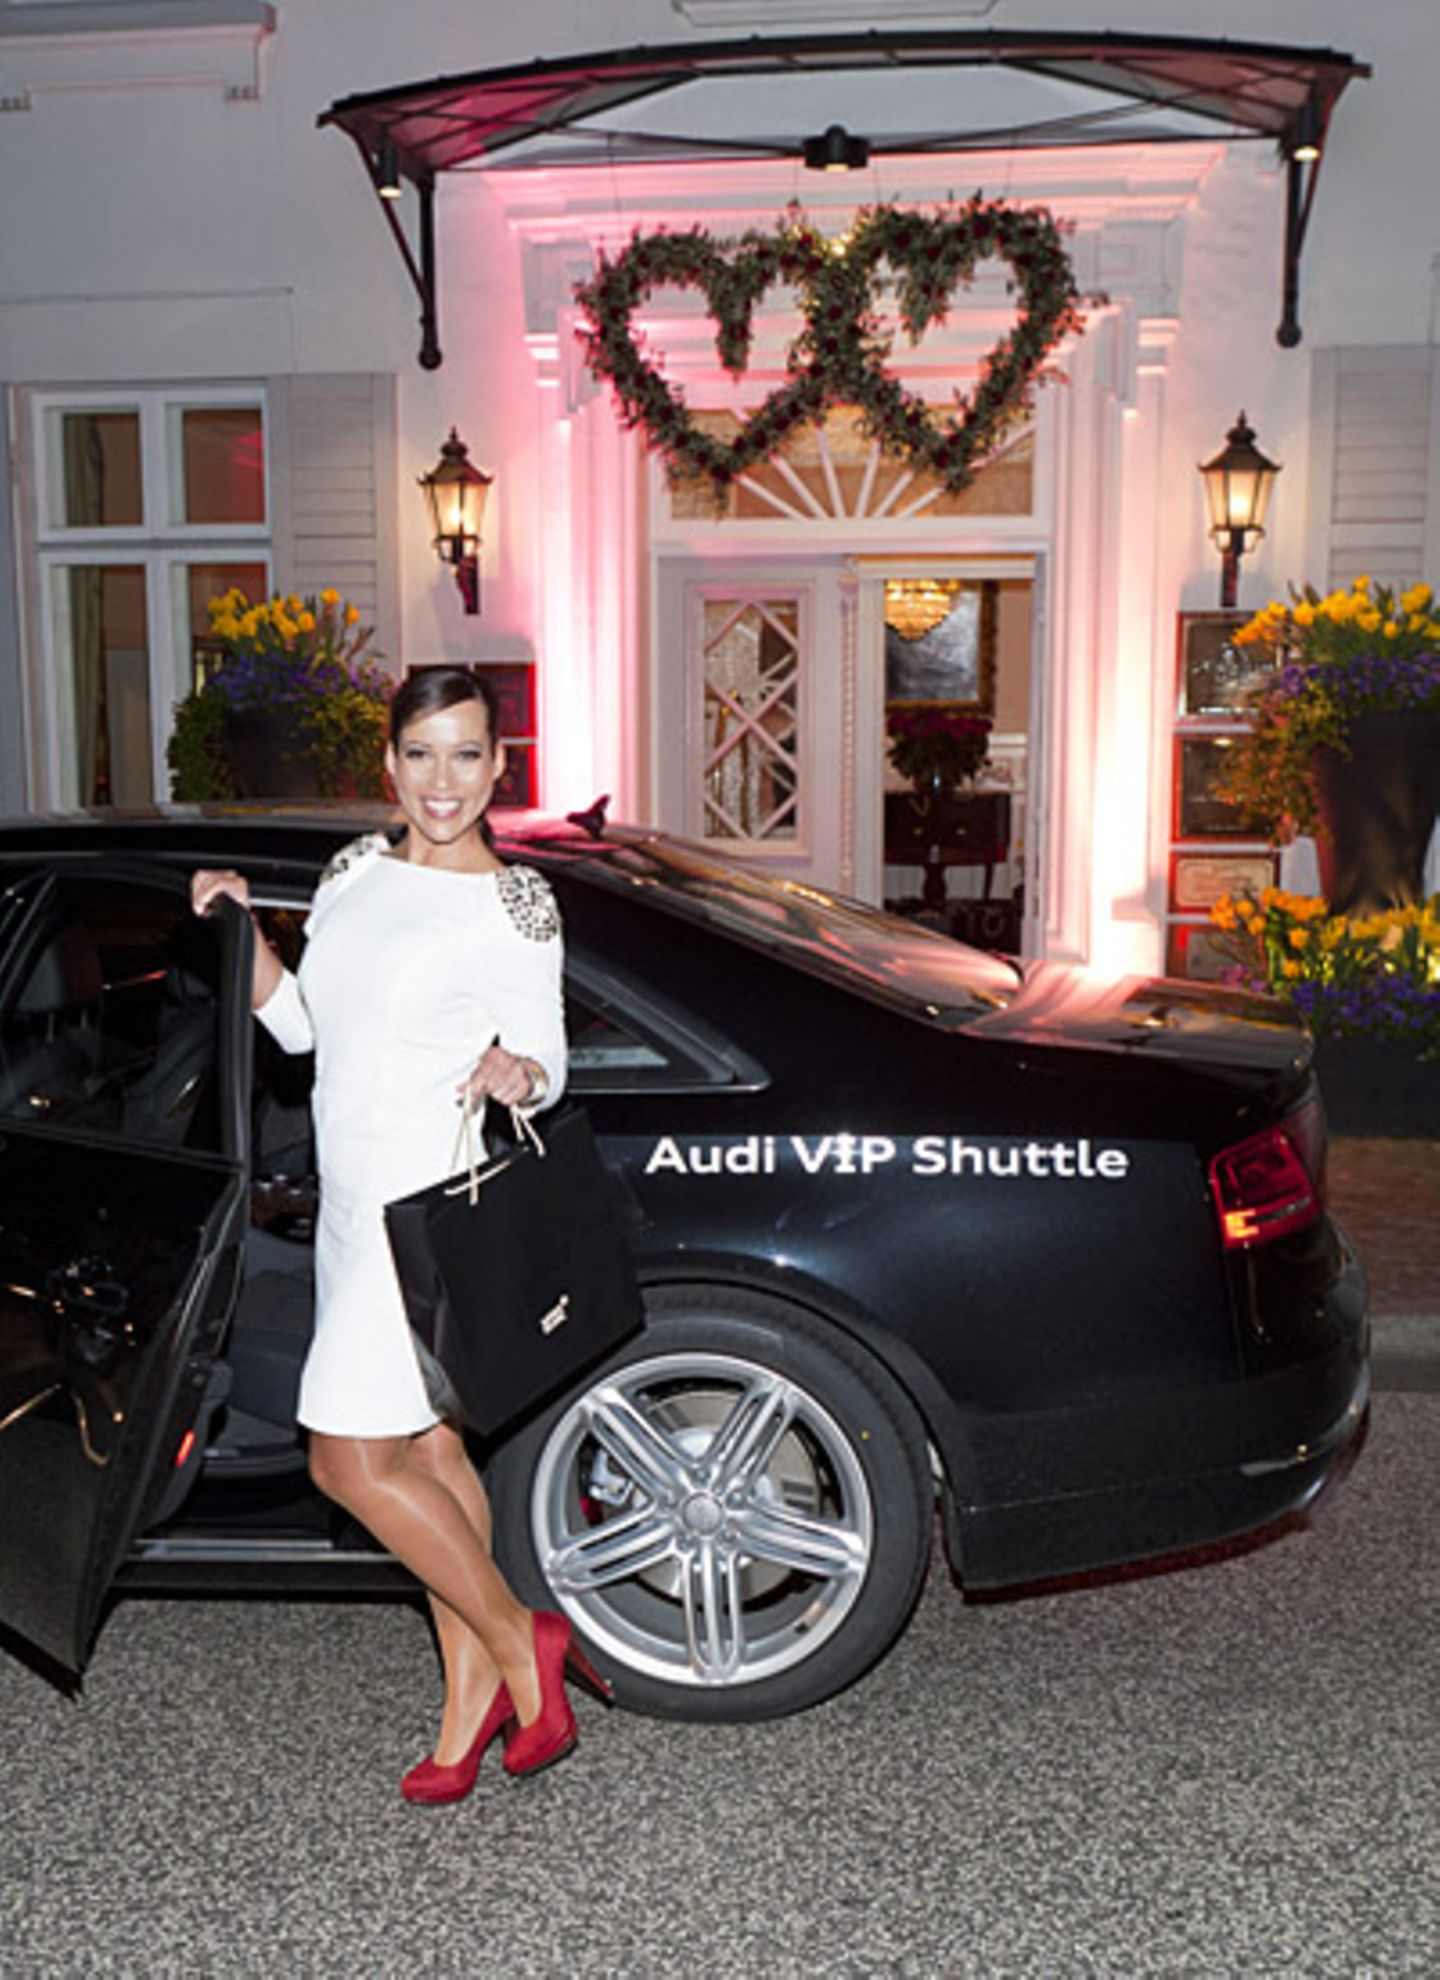 Mit dem Audi VIP Shuttle lässt sich Nandini Mitra sicher nach Hause bringen.